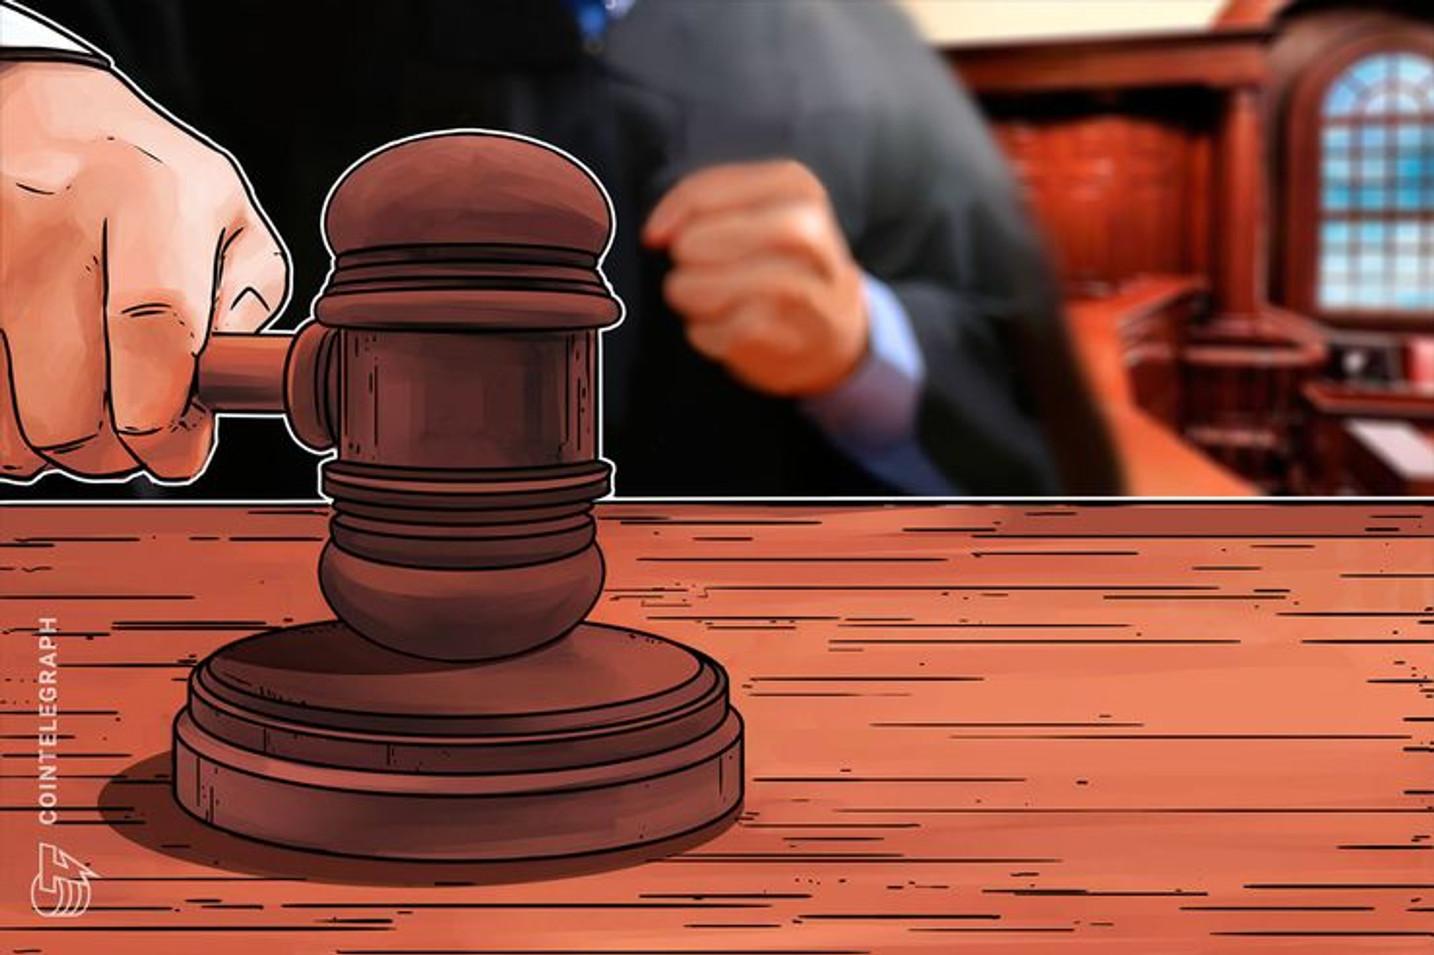 Justiça determina busca e apreensão de automóveis, imóveis e bloqueio em contas bancárias ligadas a G44 Brasil